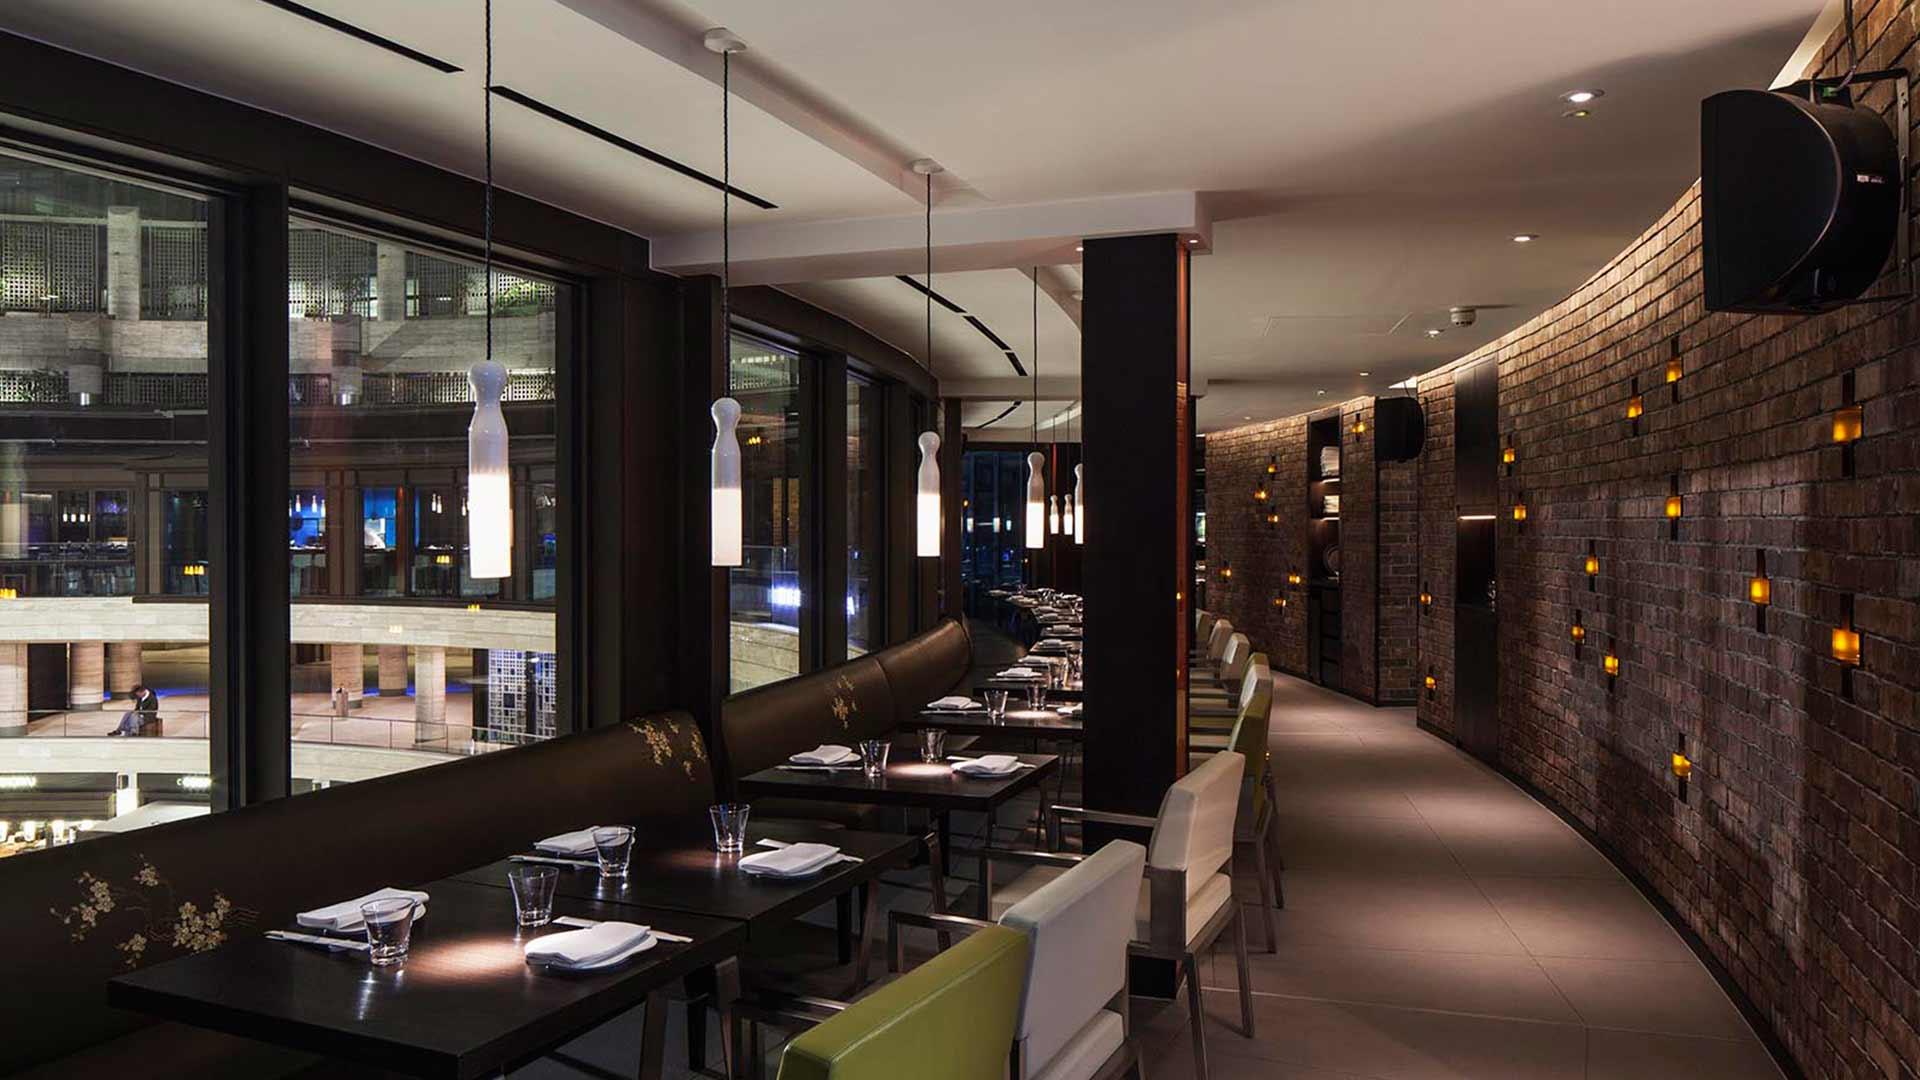 Circular Architecture Restaurant Design Lighting Consultant Nulty